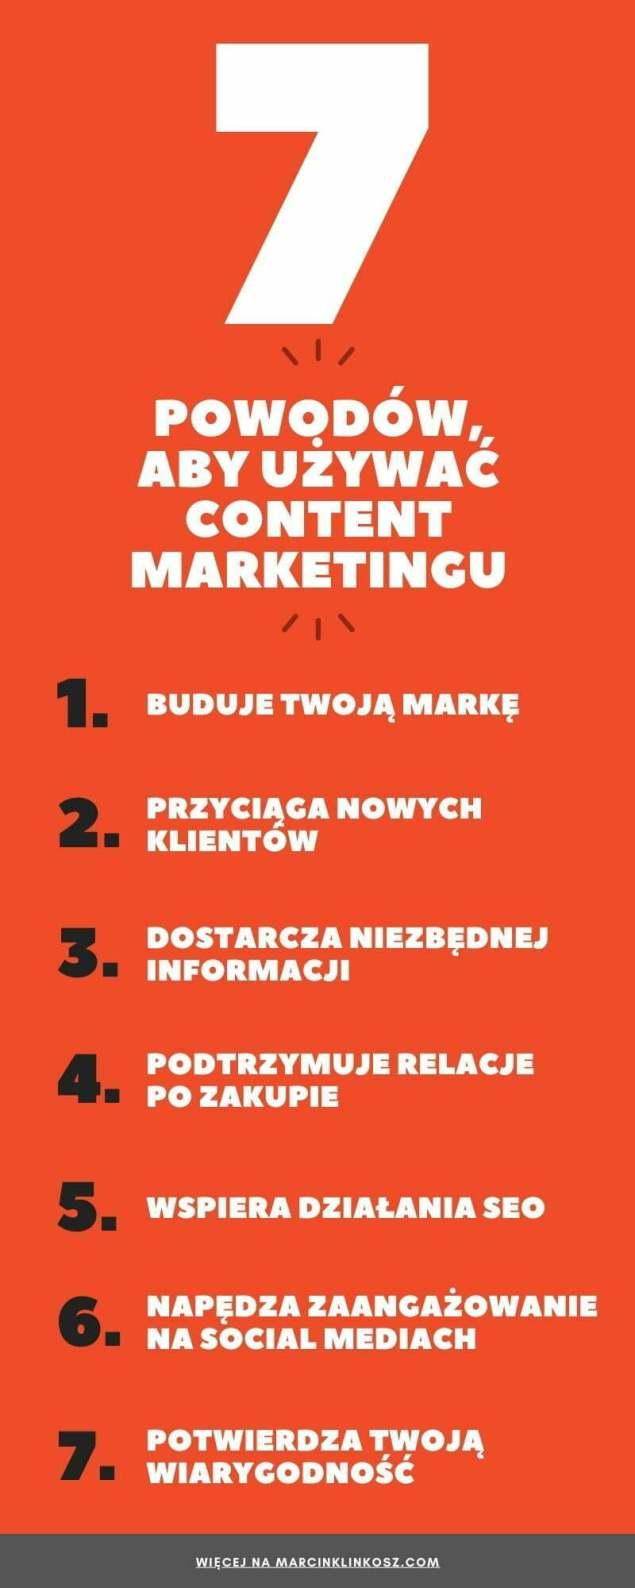 7 powodów dlaczego warto prowadzić content marketing